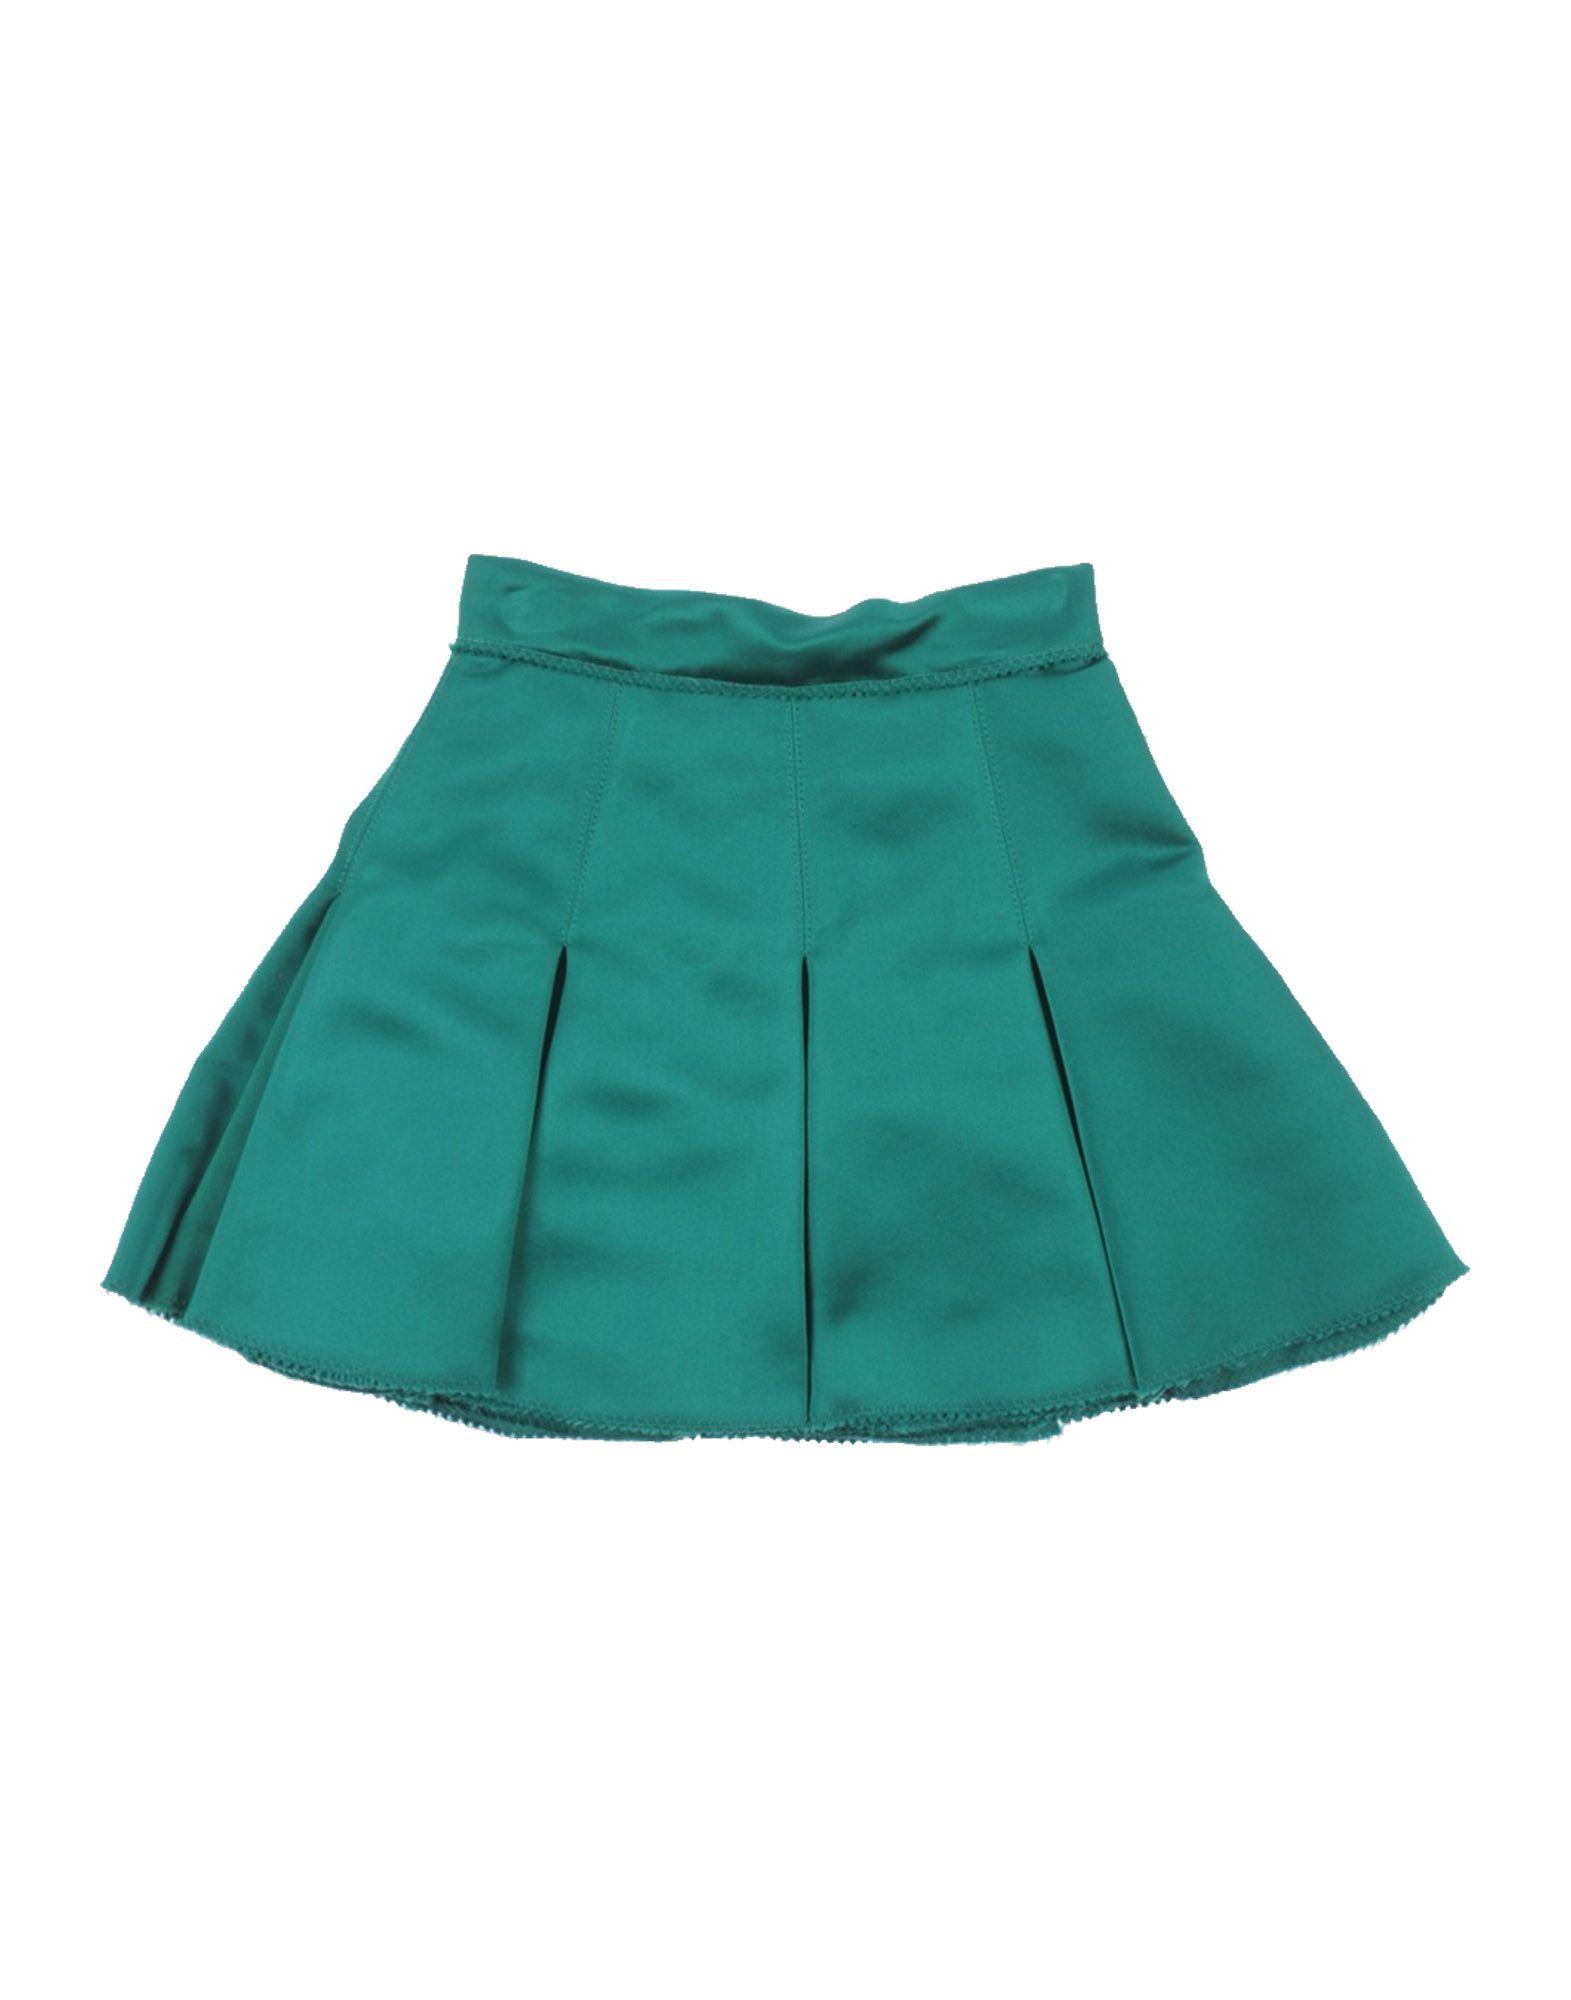 DOLCE & GABBANA | DOLCE & GABBANA Skirts 35382004 | Goxip